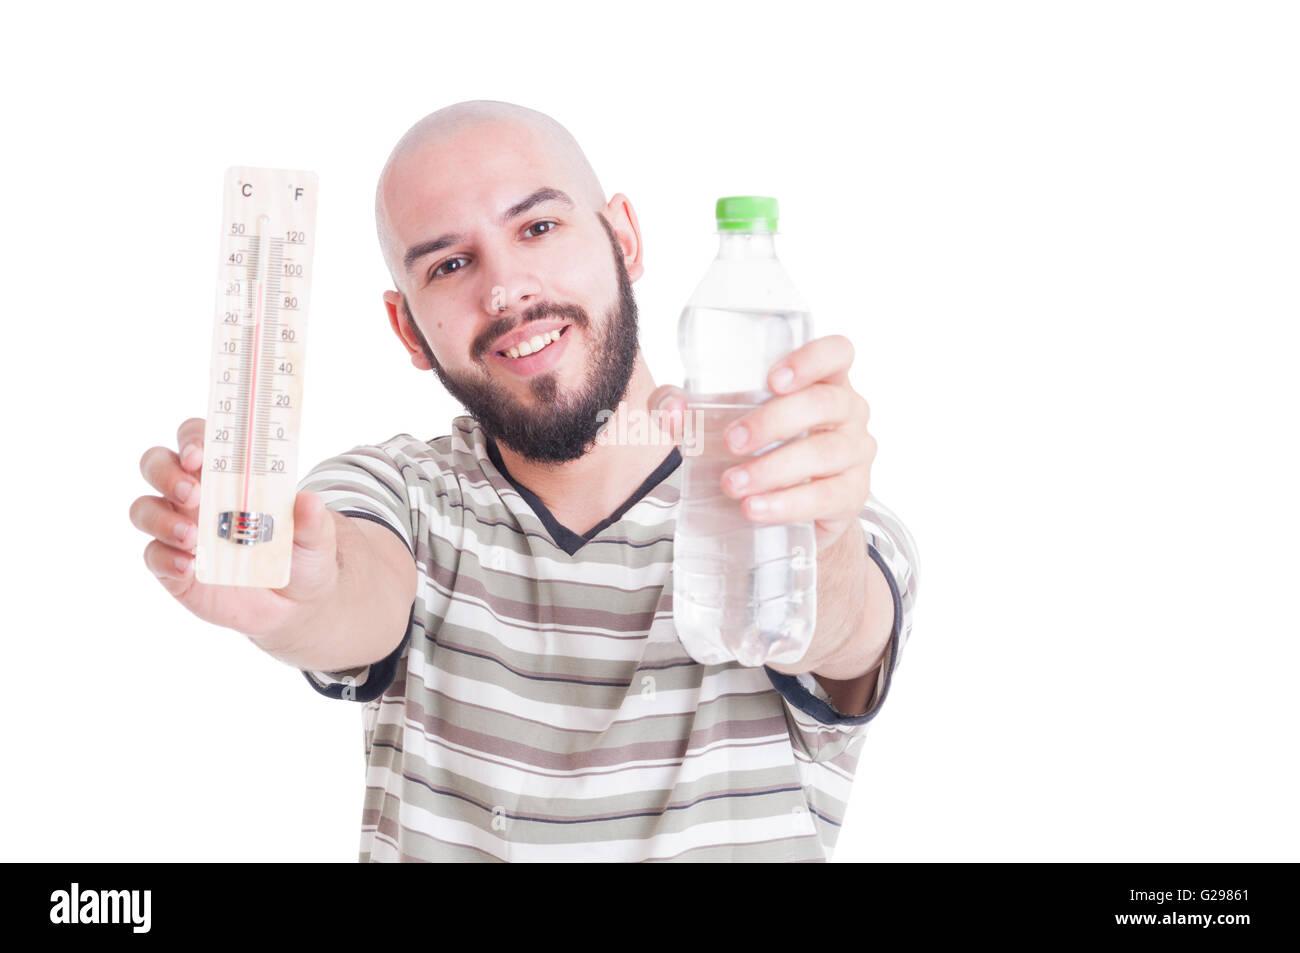 Heiße Sommer und Austrocknung Konzept mit Mann, Thermometer und kalte Wasserflasche Stockbild